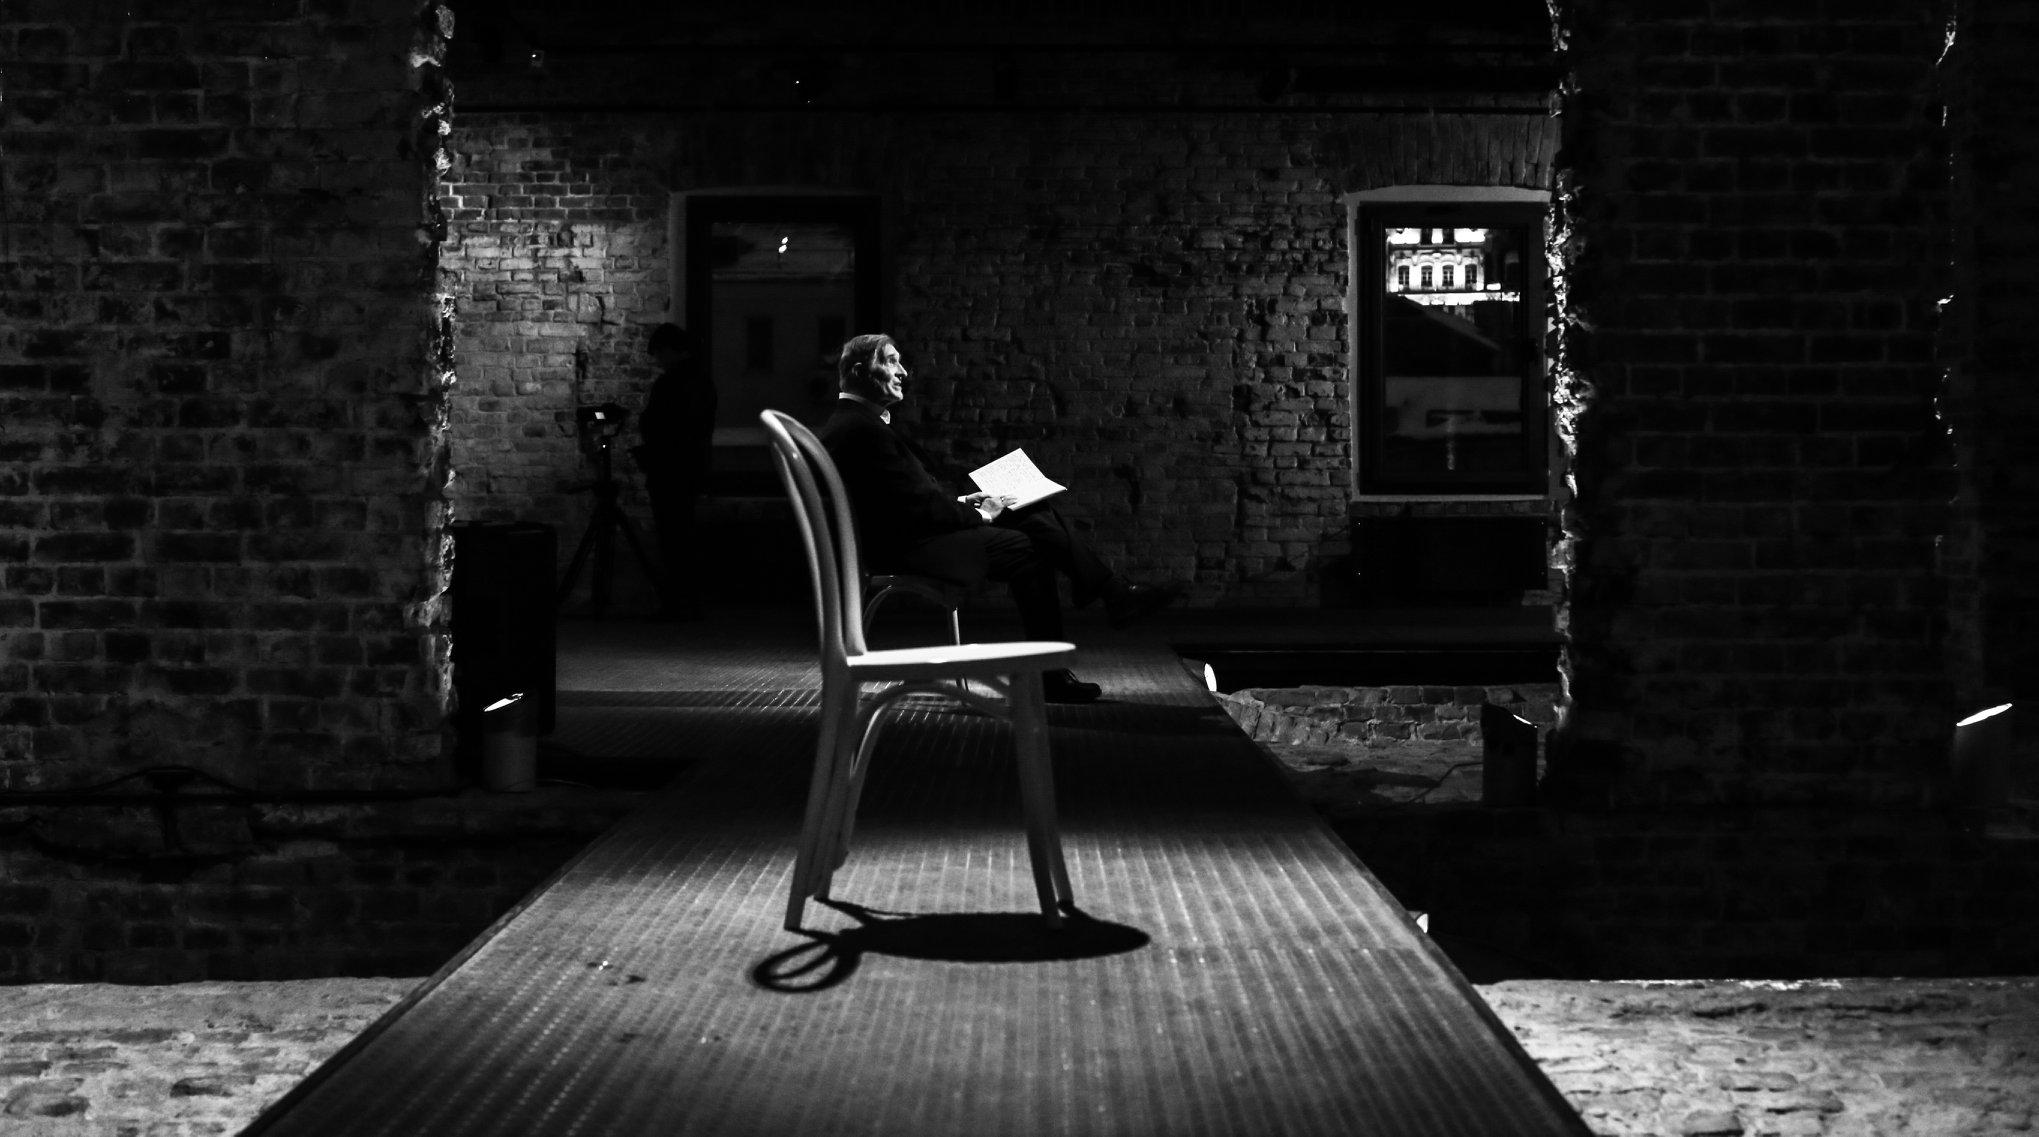 Роль Мельникова-старика в спектакле исполняет народный артист РФ Игорь Ясулович. Фото: Шамиль Хасянзанов